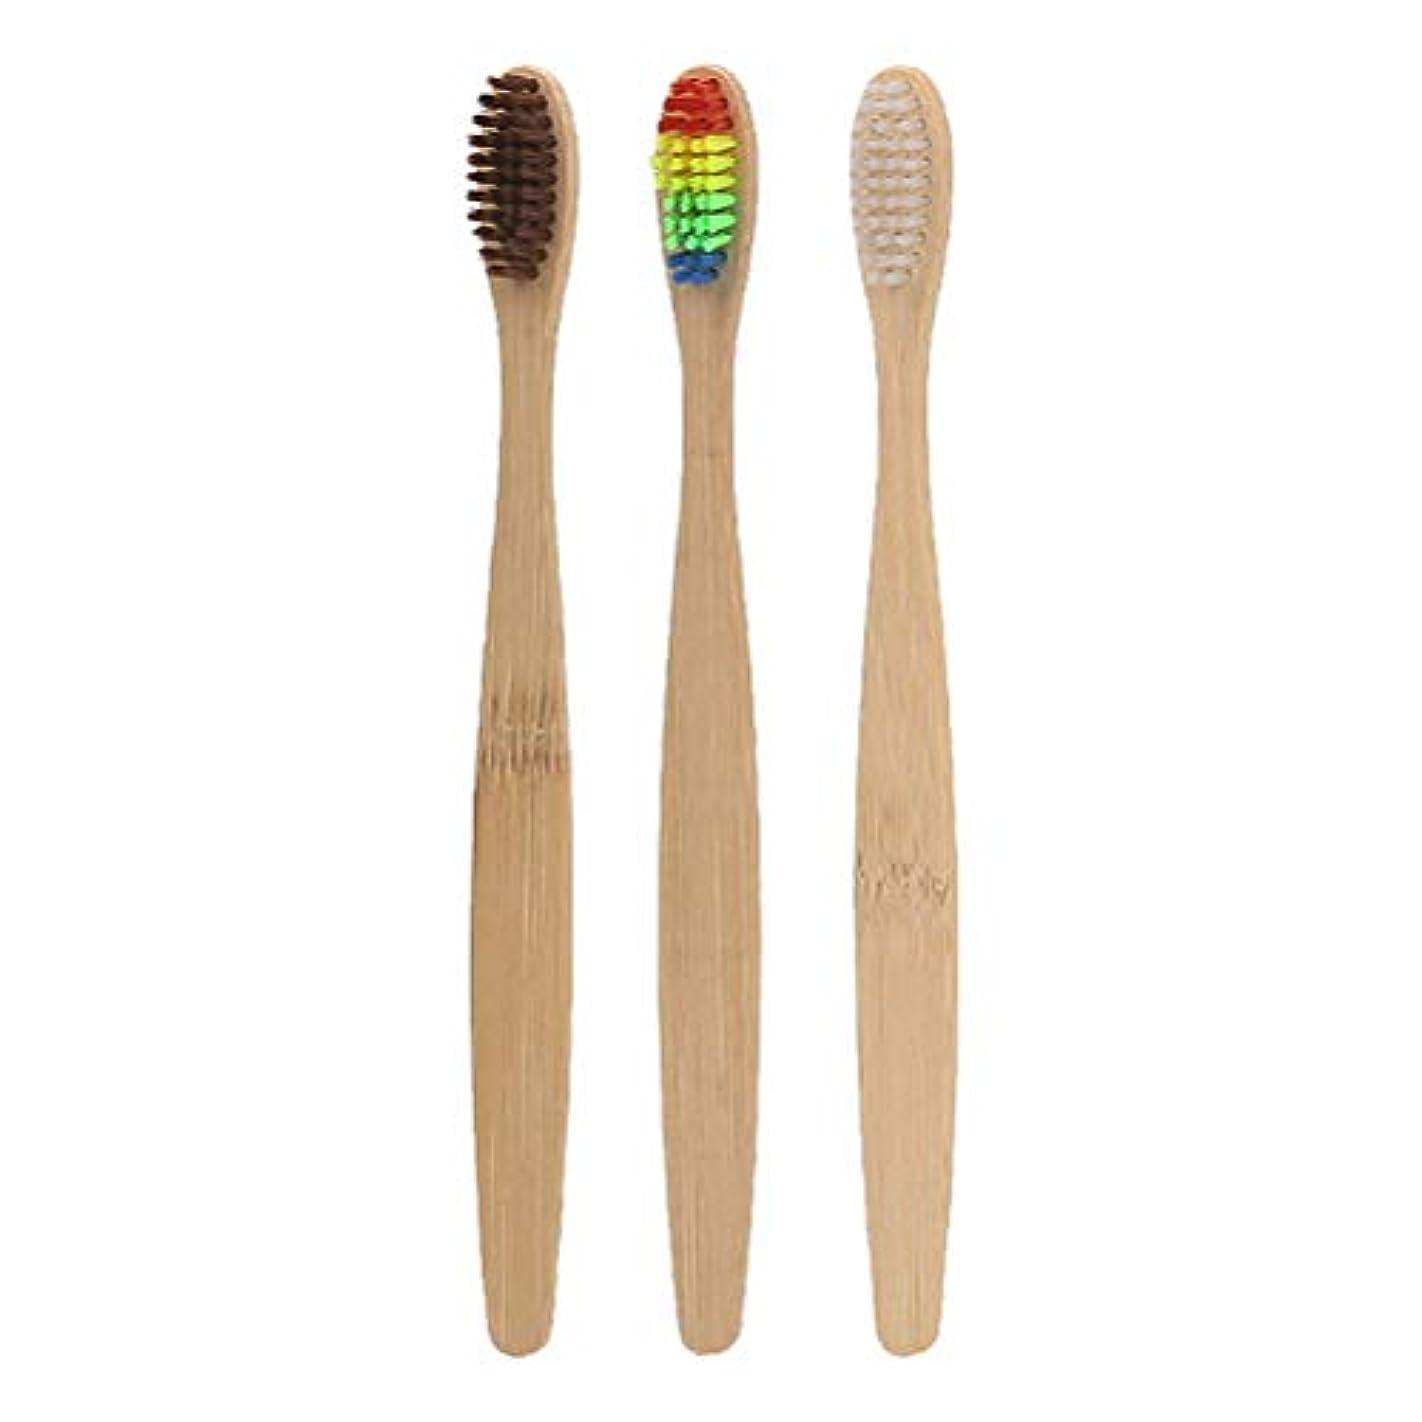 過ち十分摩擦SUPVOX 竹の歯ブラシ女性のためのナチュラルソフト歯ブラシ男性3本(白い剛毛+虹色の剛毛+茶色の剛毛)